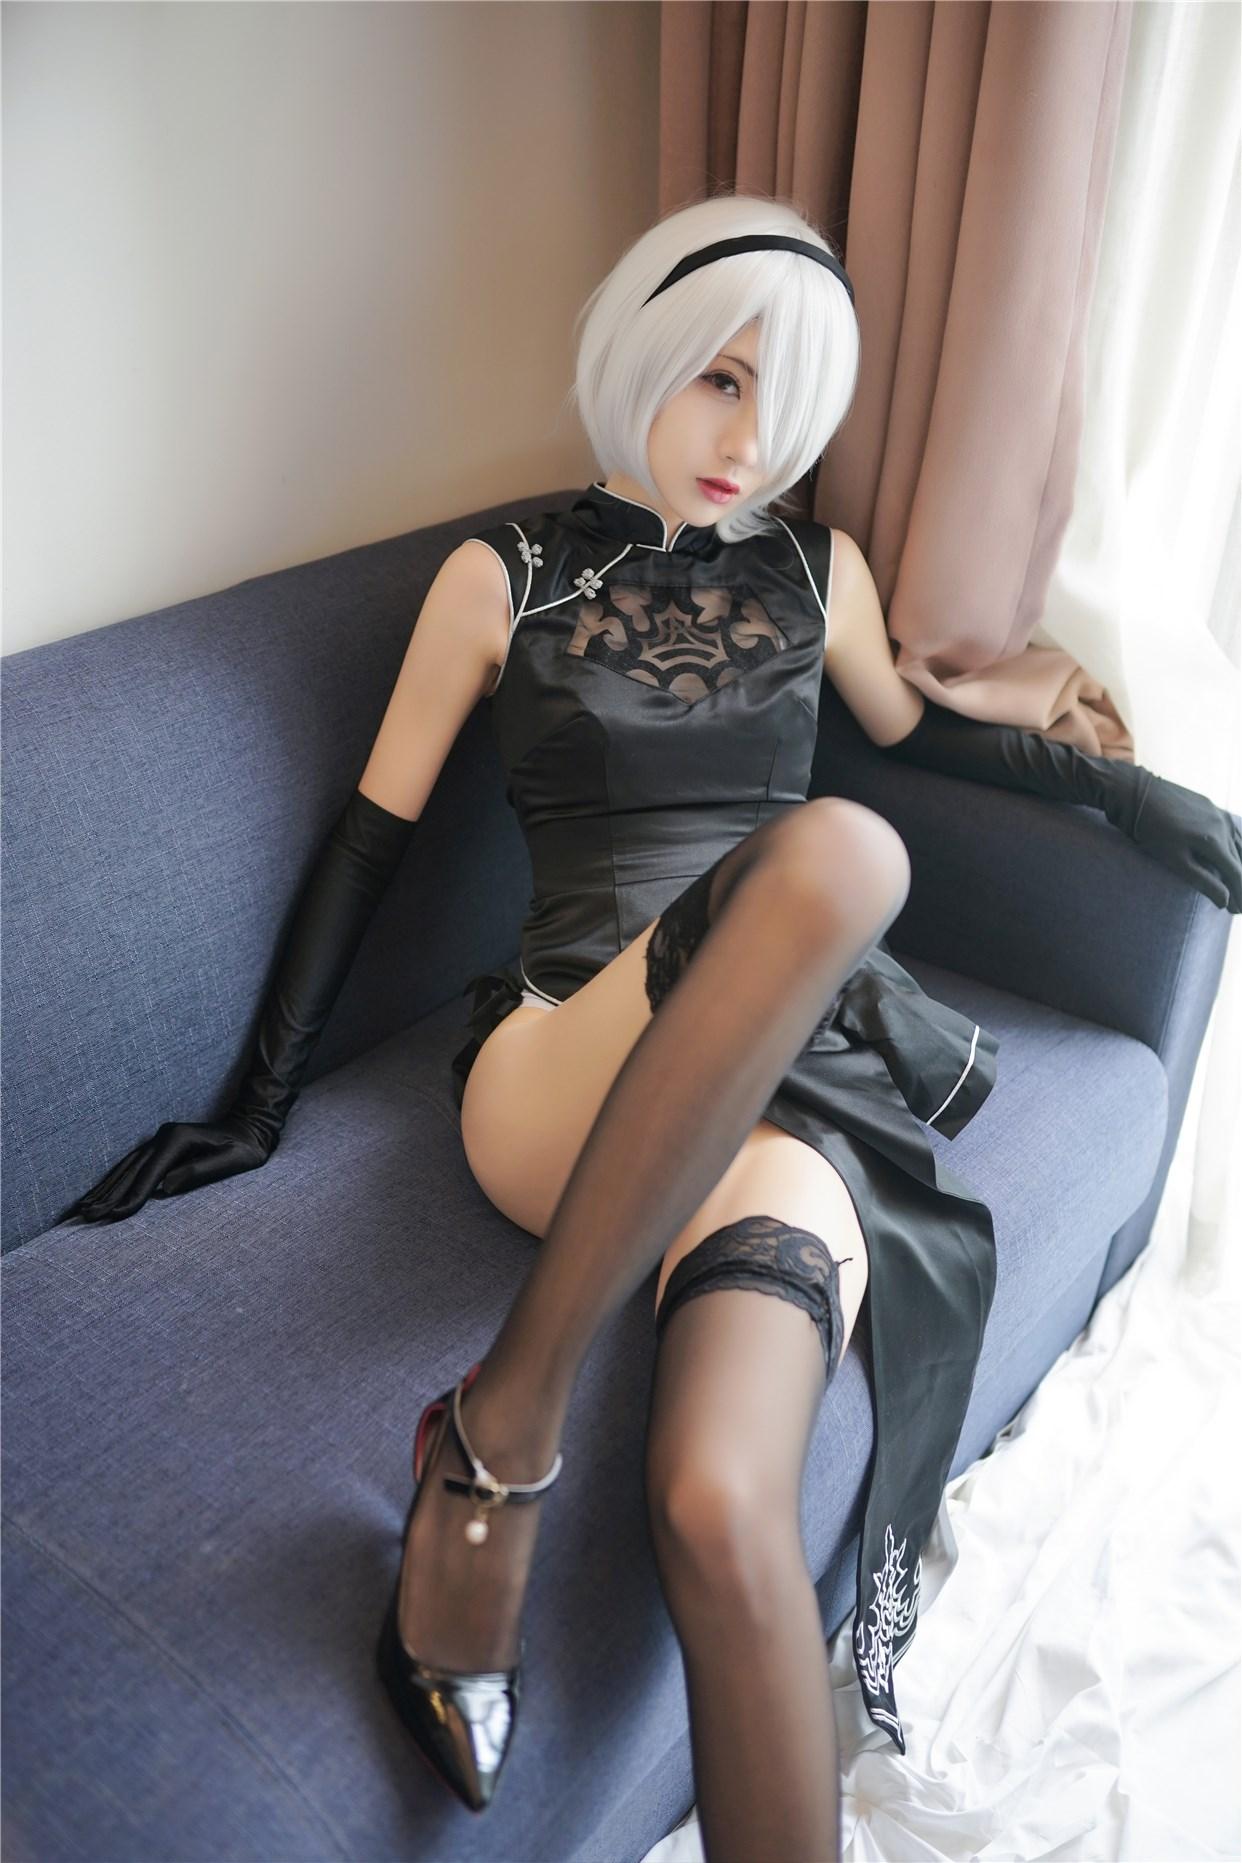 【兔玩映画】旗袍小姐姐好腿! 兔玩映画 第21张